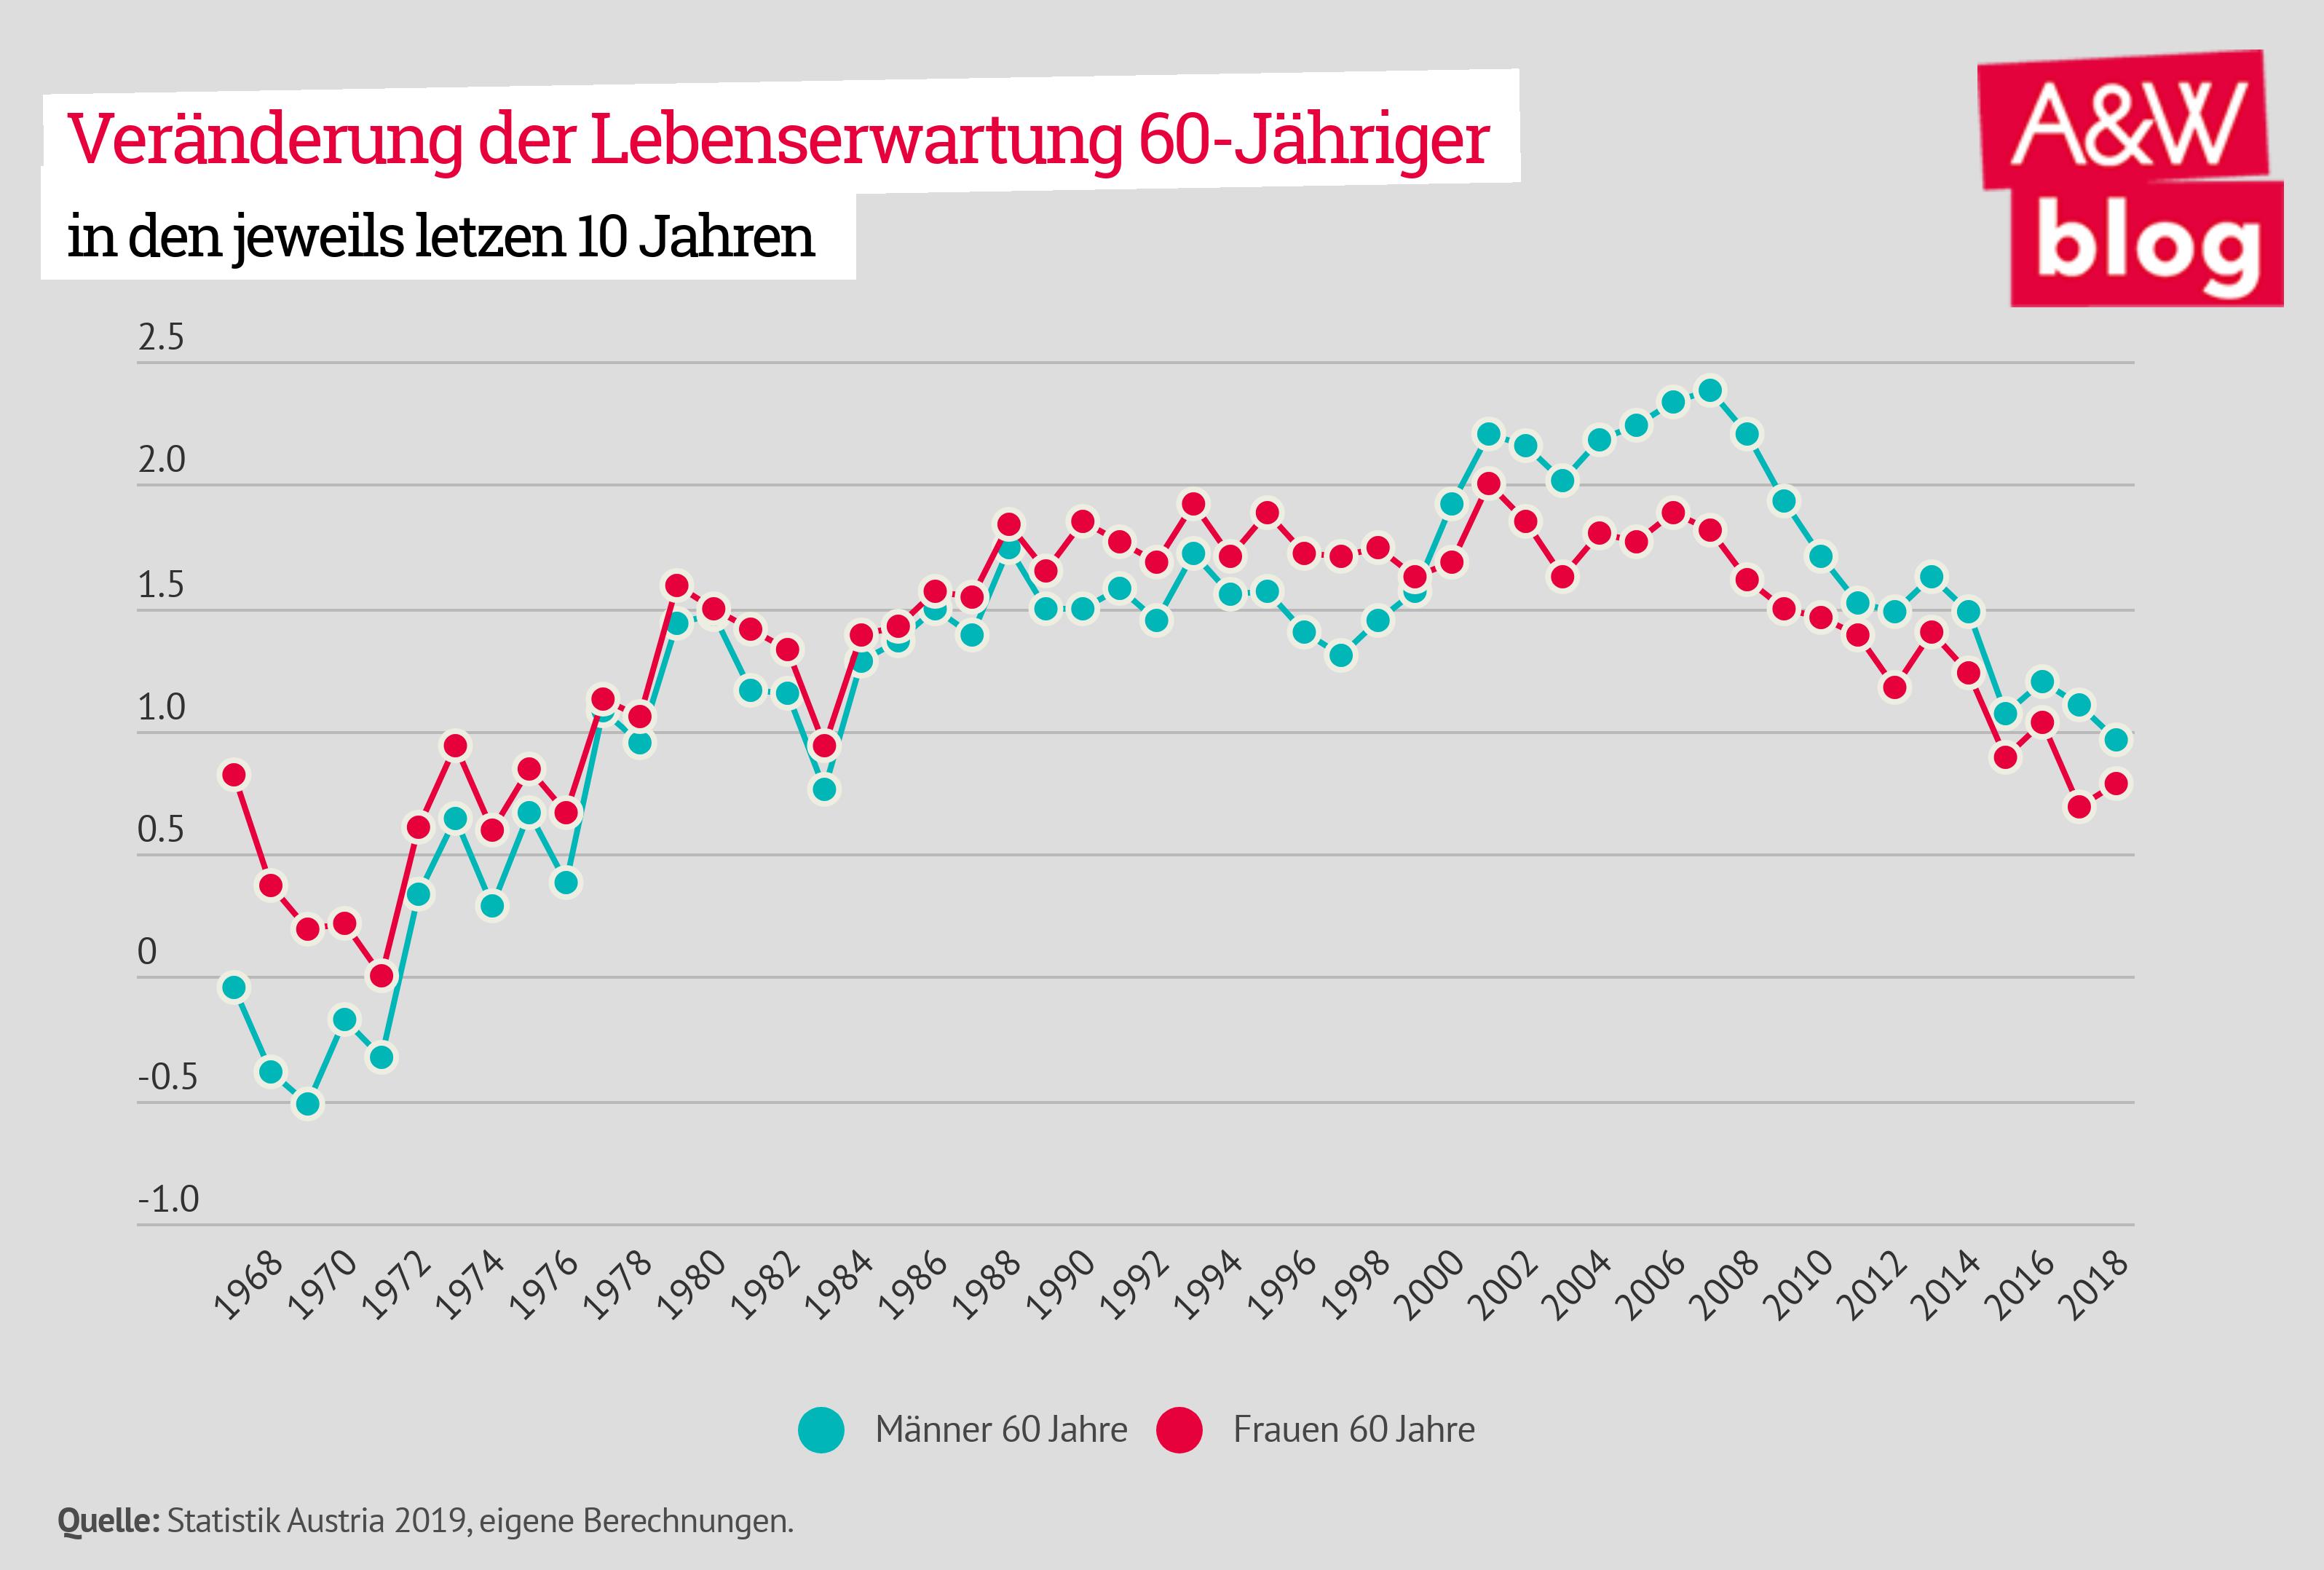 Veränderung der Lebenserwartung 60-Jähriger